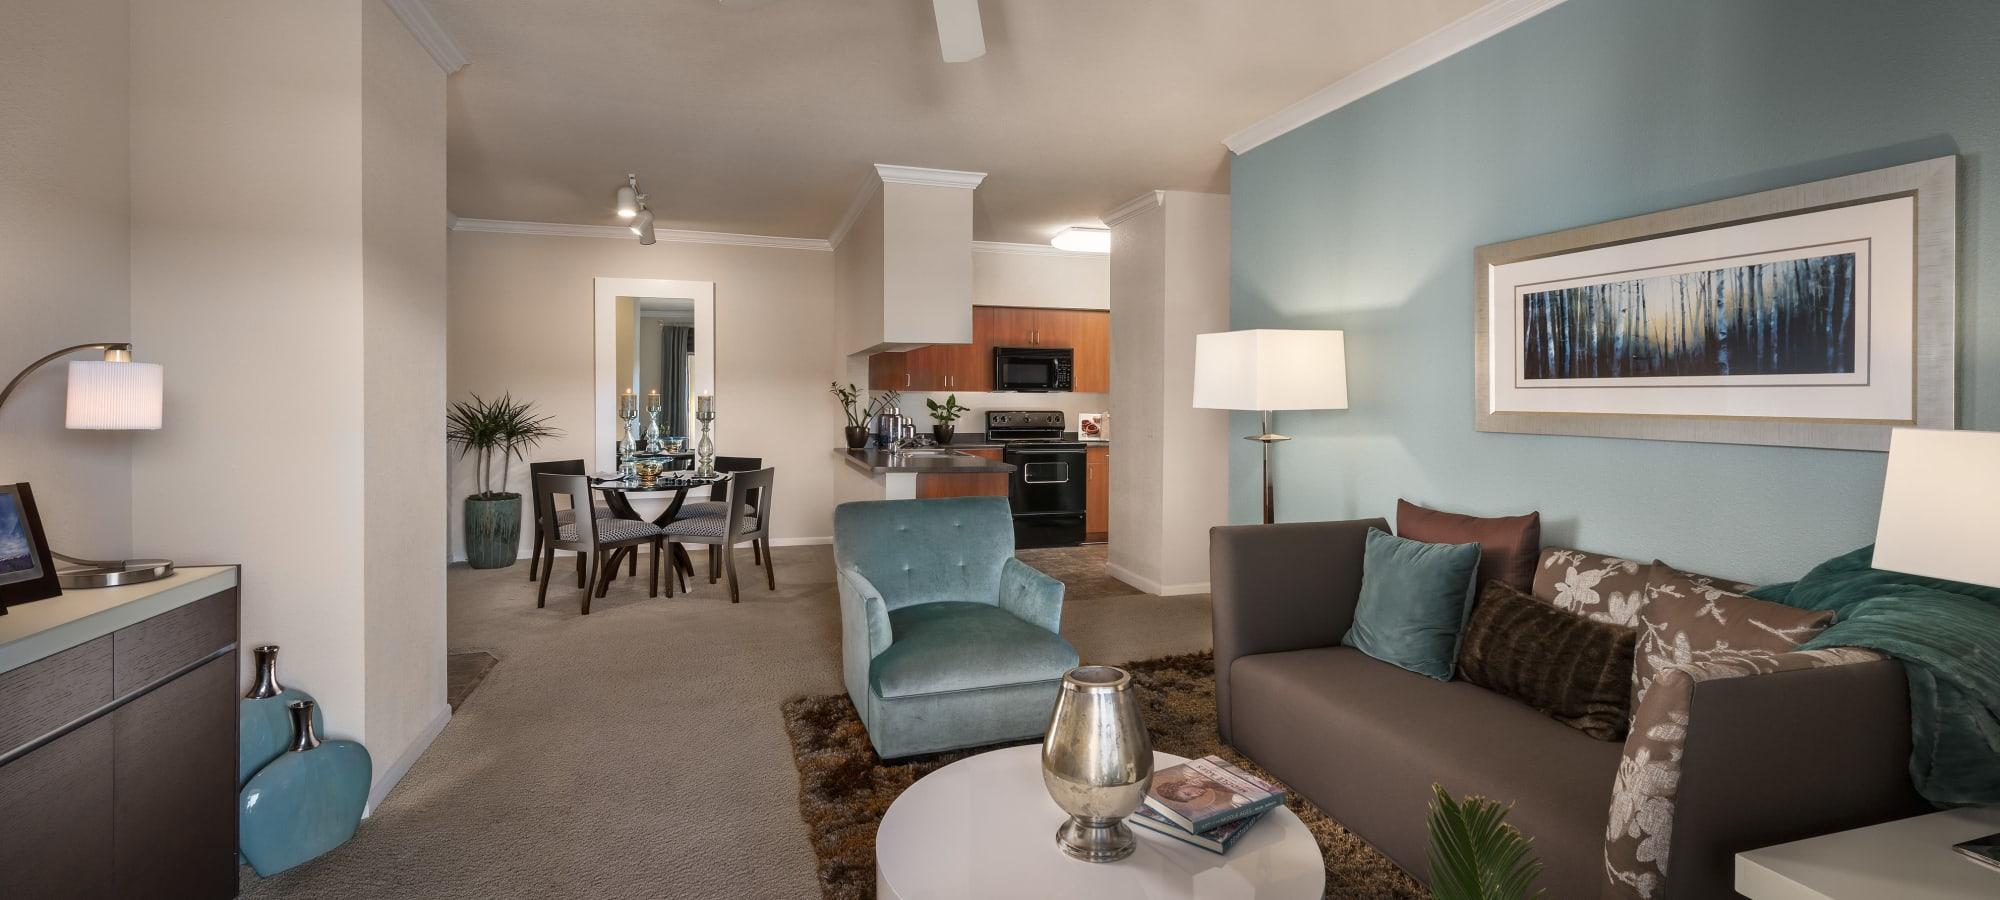 Spacious living room at Azul at Spectrum in Gilbert, Arizona